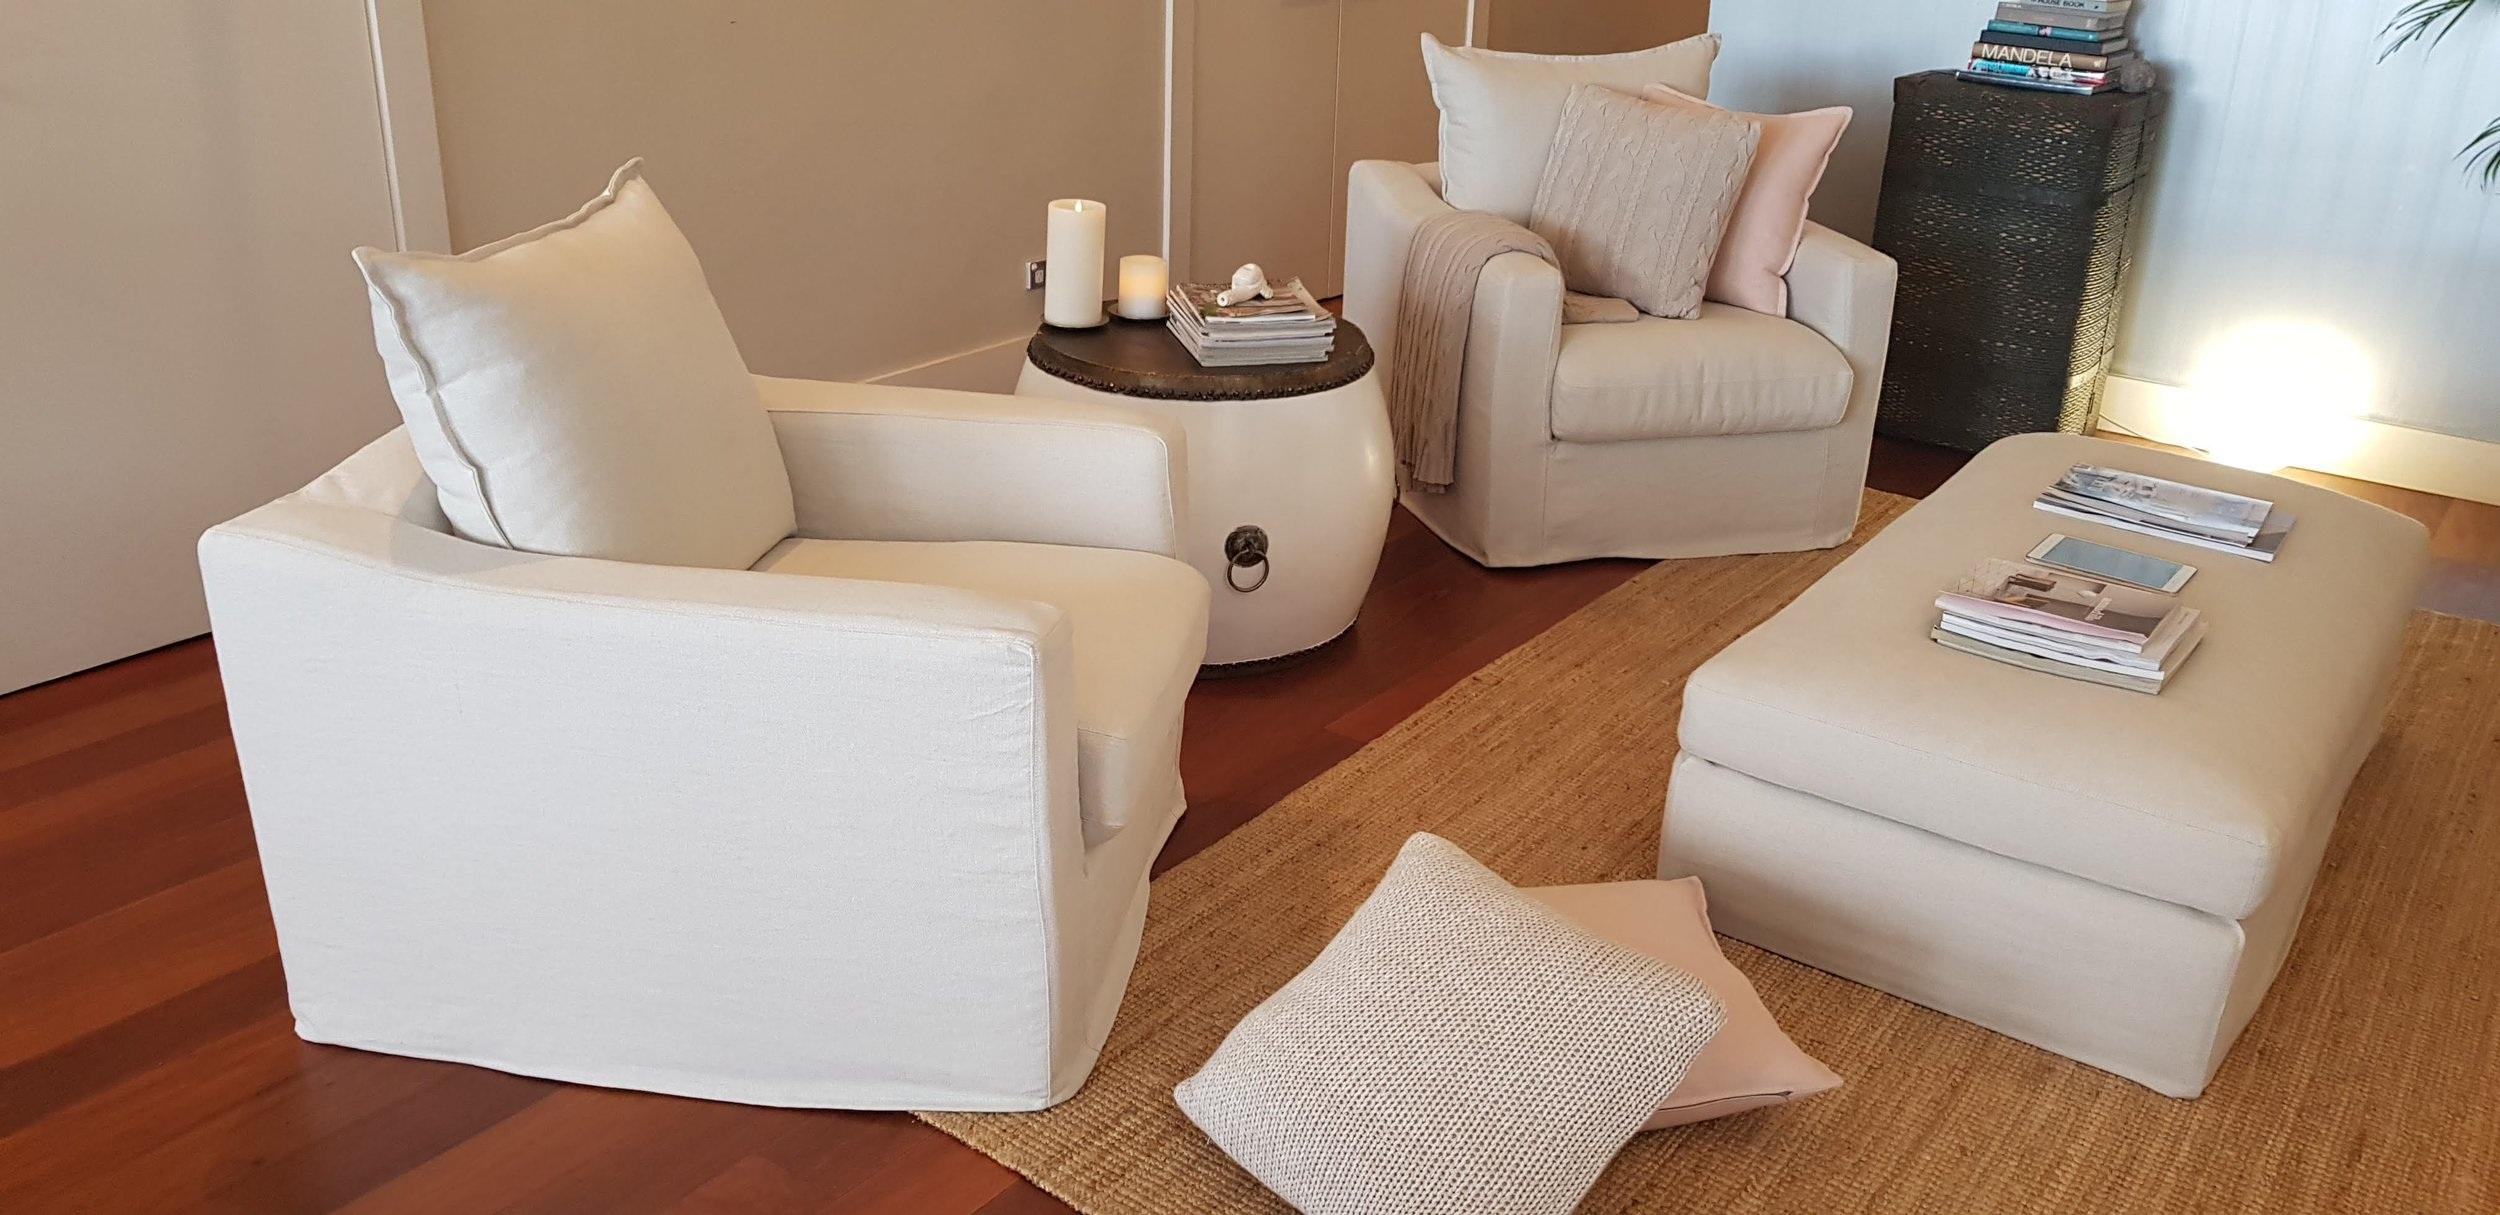 Karen Slip Cover Swivel Chairs